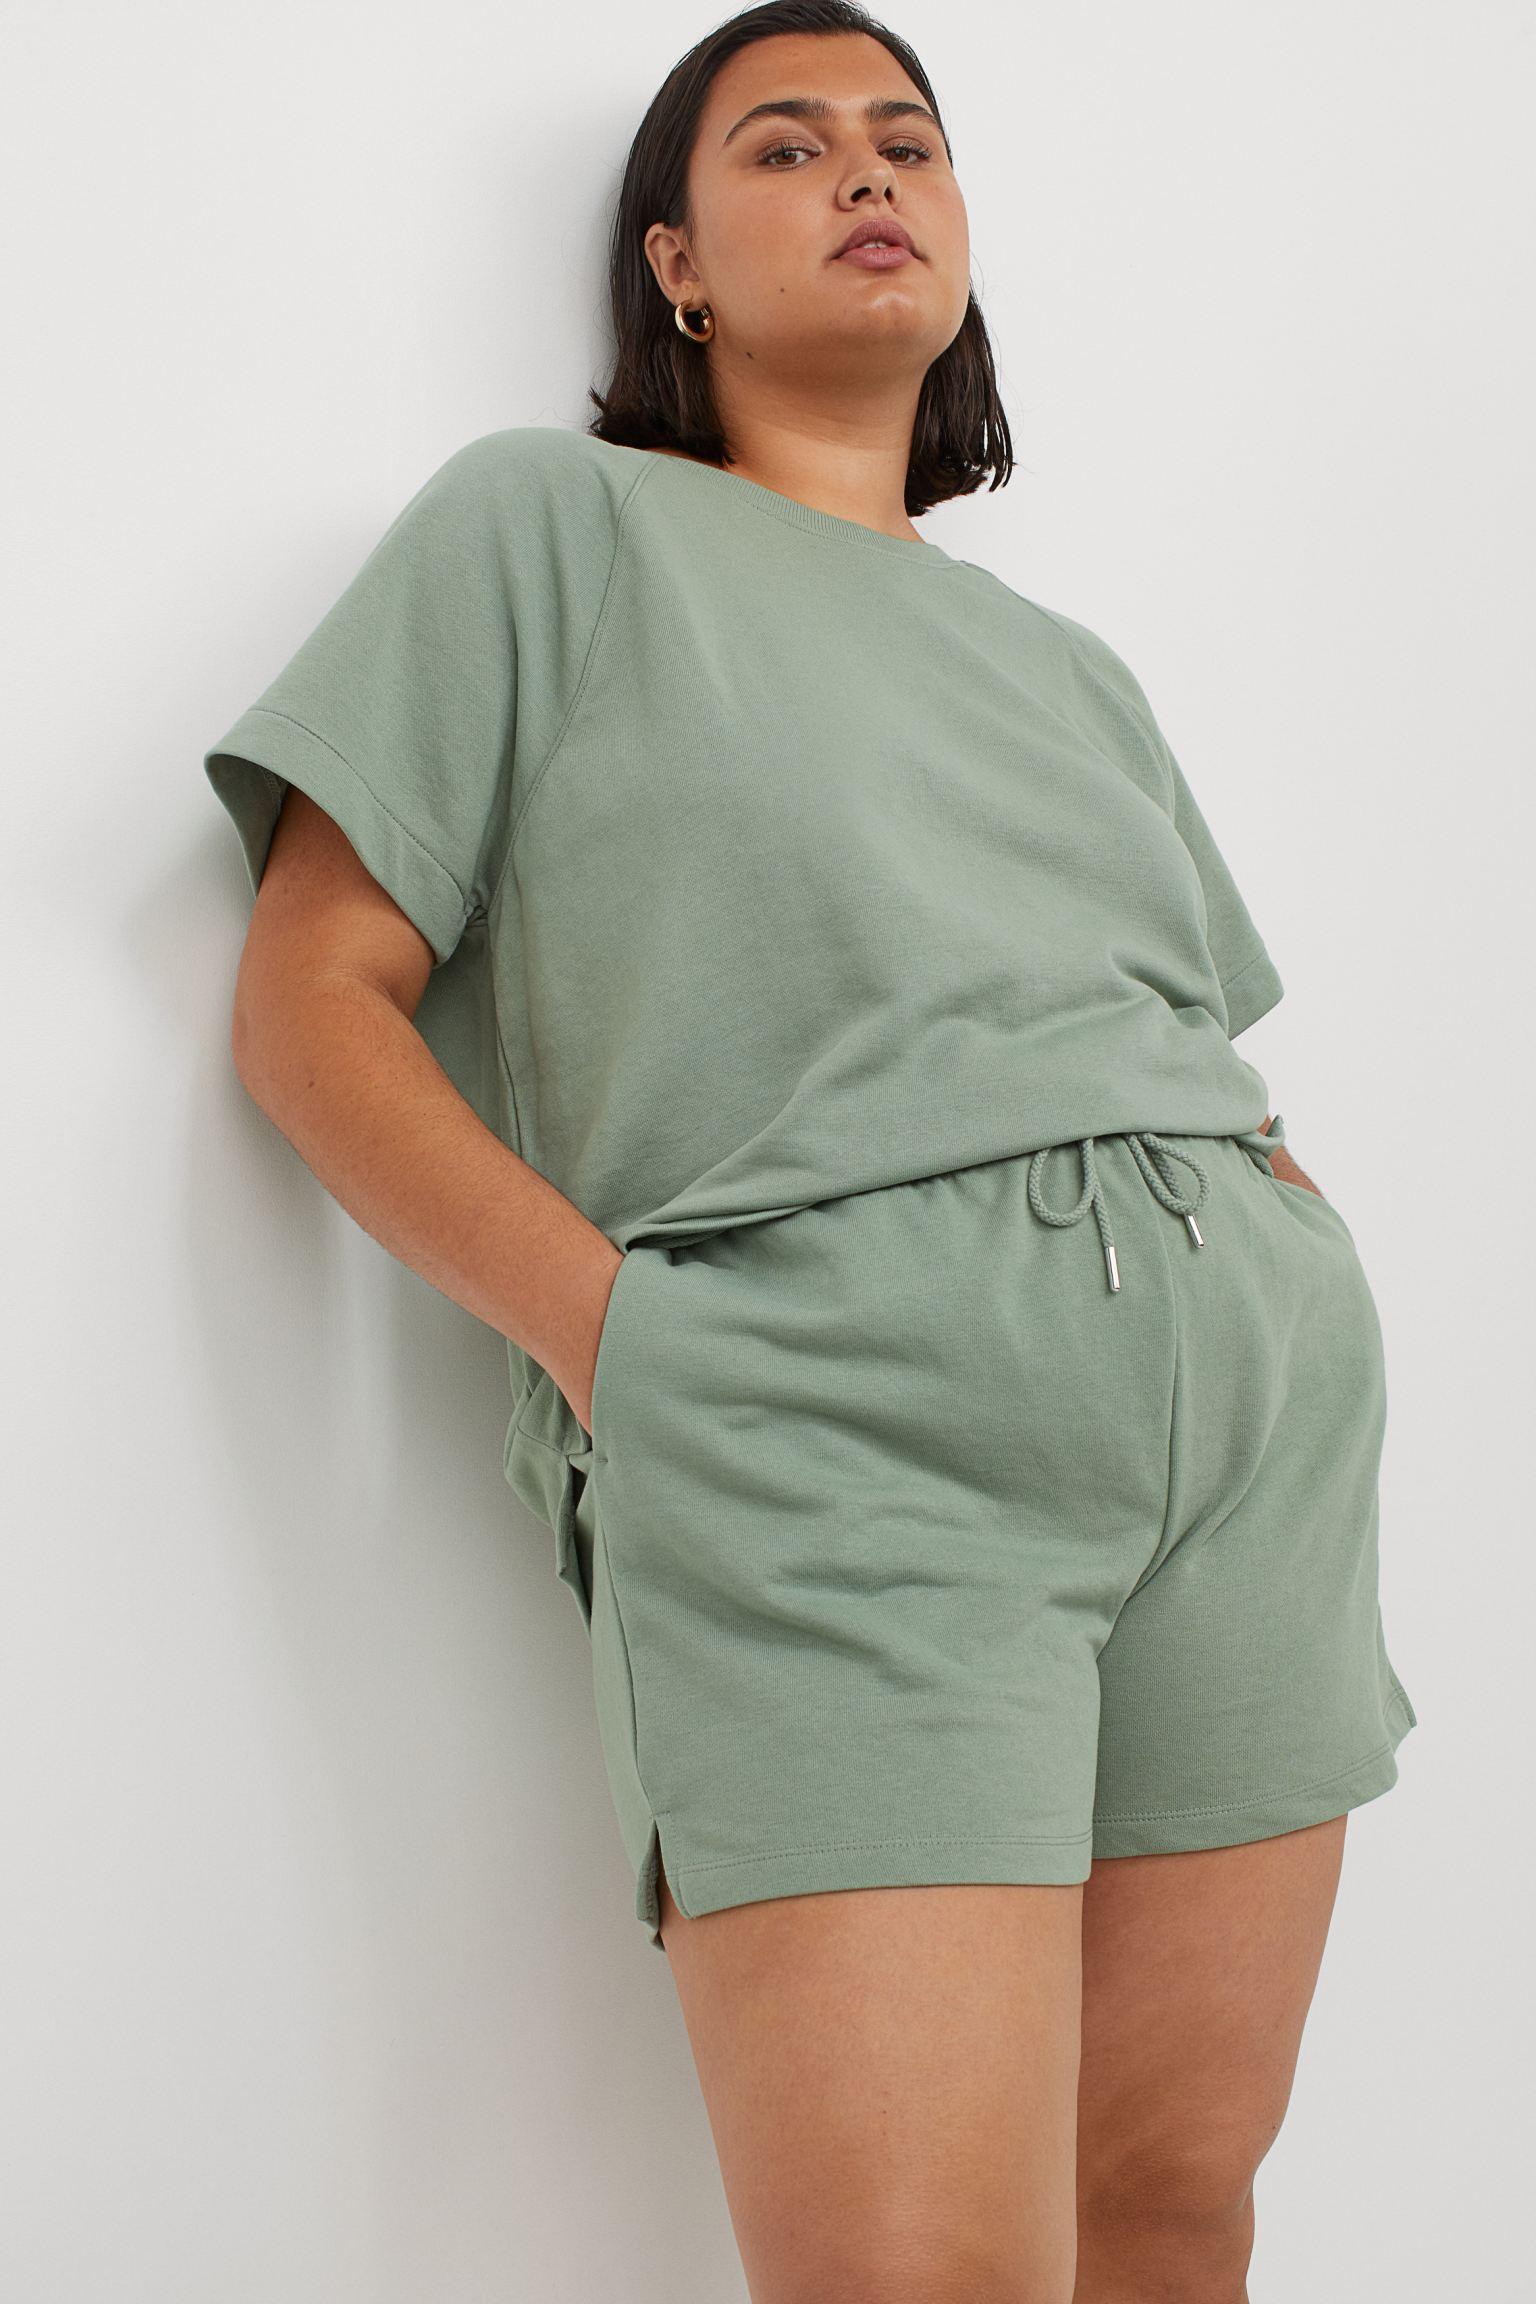 Avslappet shorts i grønt